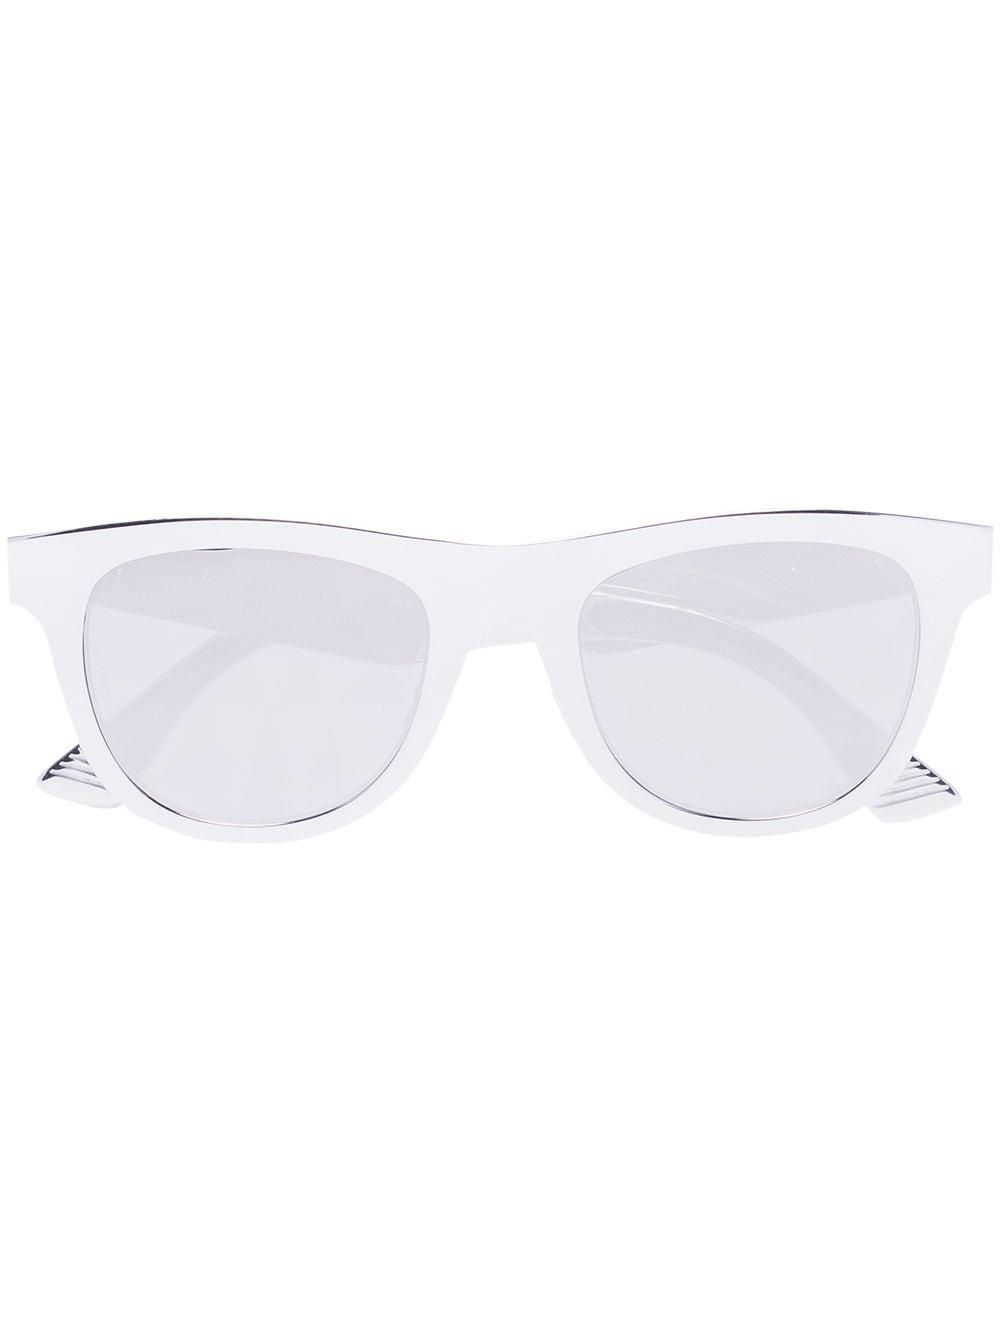 Bottega Veneta Eyewear Verspiegelte Sonnenbrille - Silber